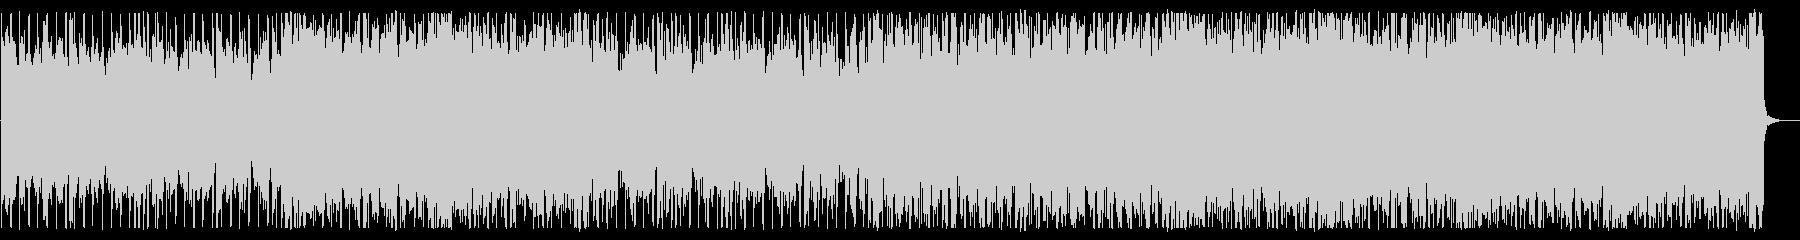 シンプル/ディスコ_No439_3の未再生の波形